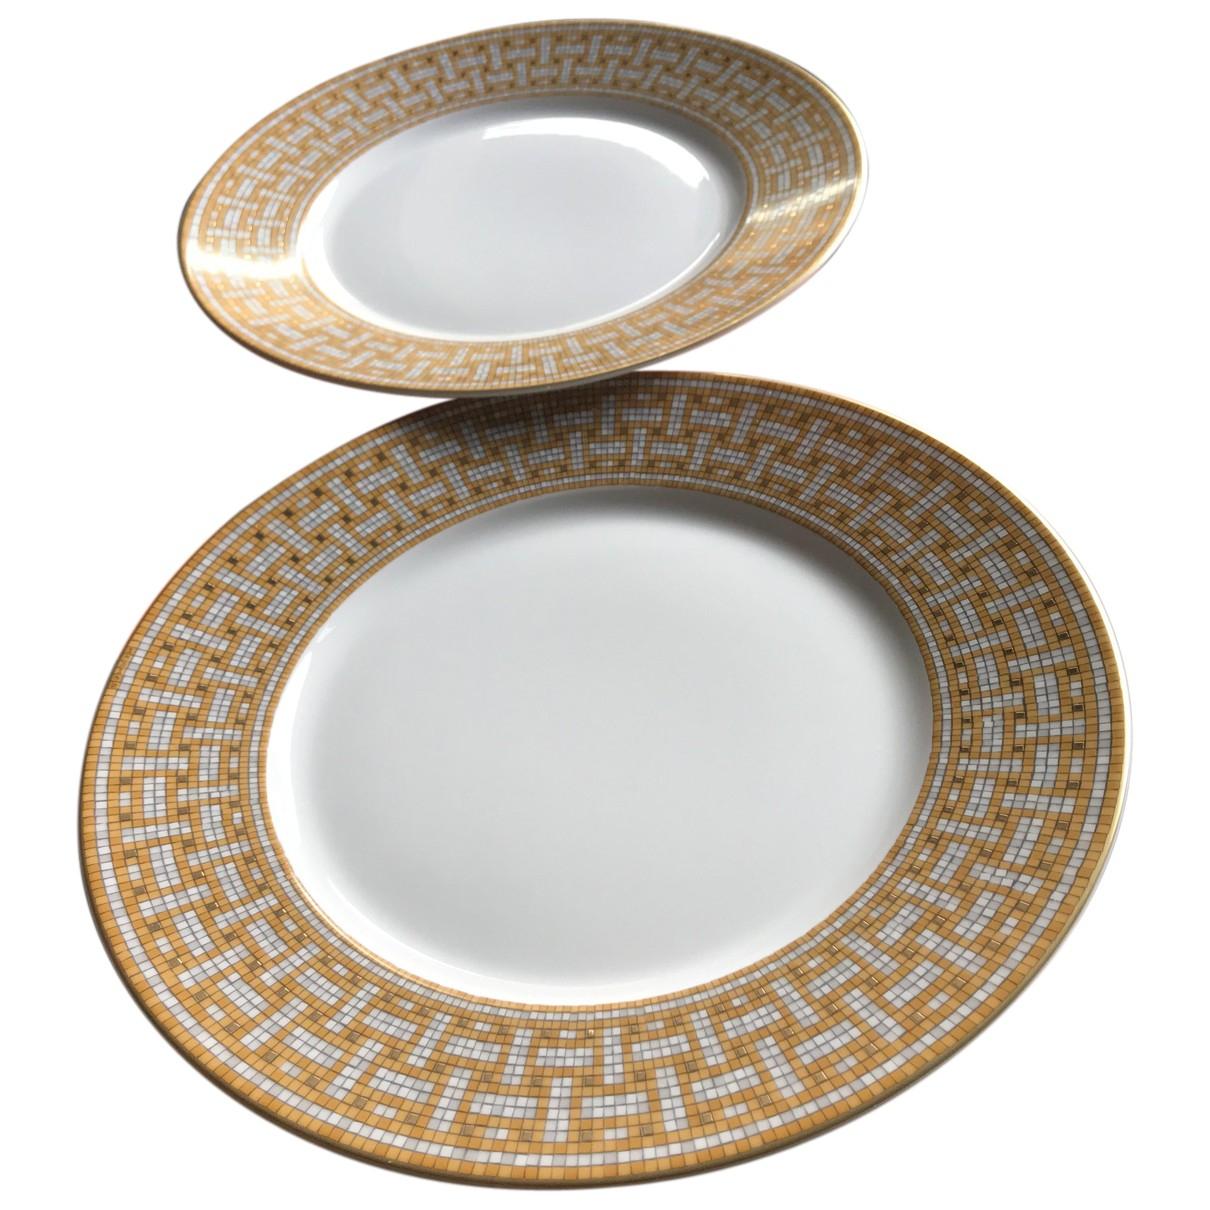 Hermes - Arts de la table Mosaique au 24 pour lifestyle en porcelaine - dore